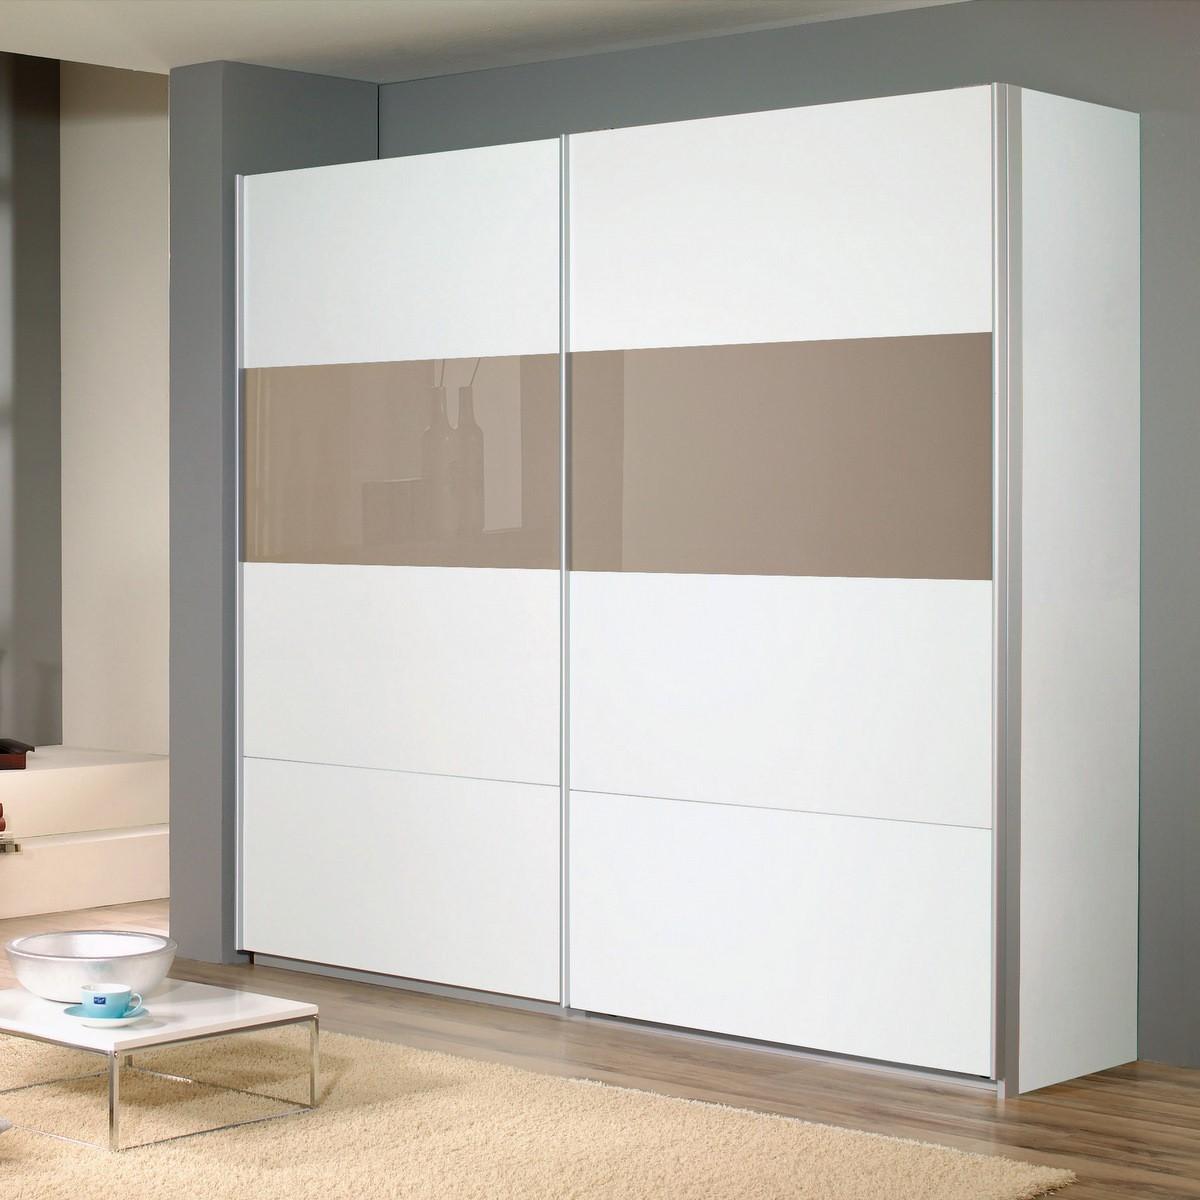 Schwebetürenschrank Quadra Weiß / Braunglas 136 cm | eBay